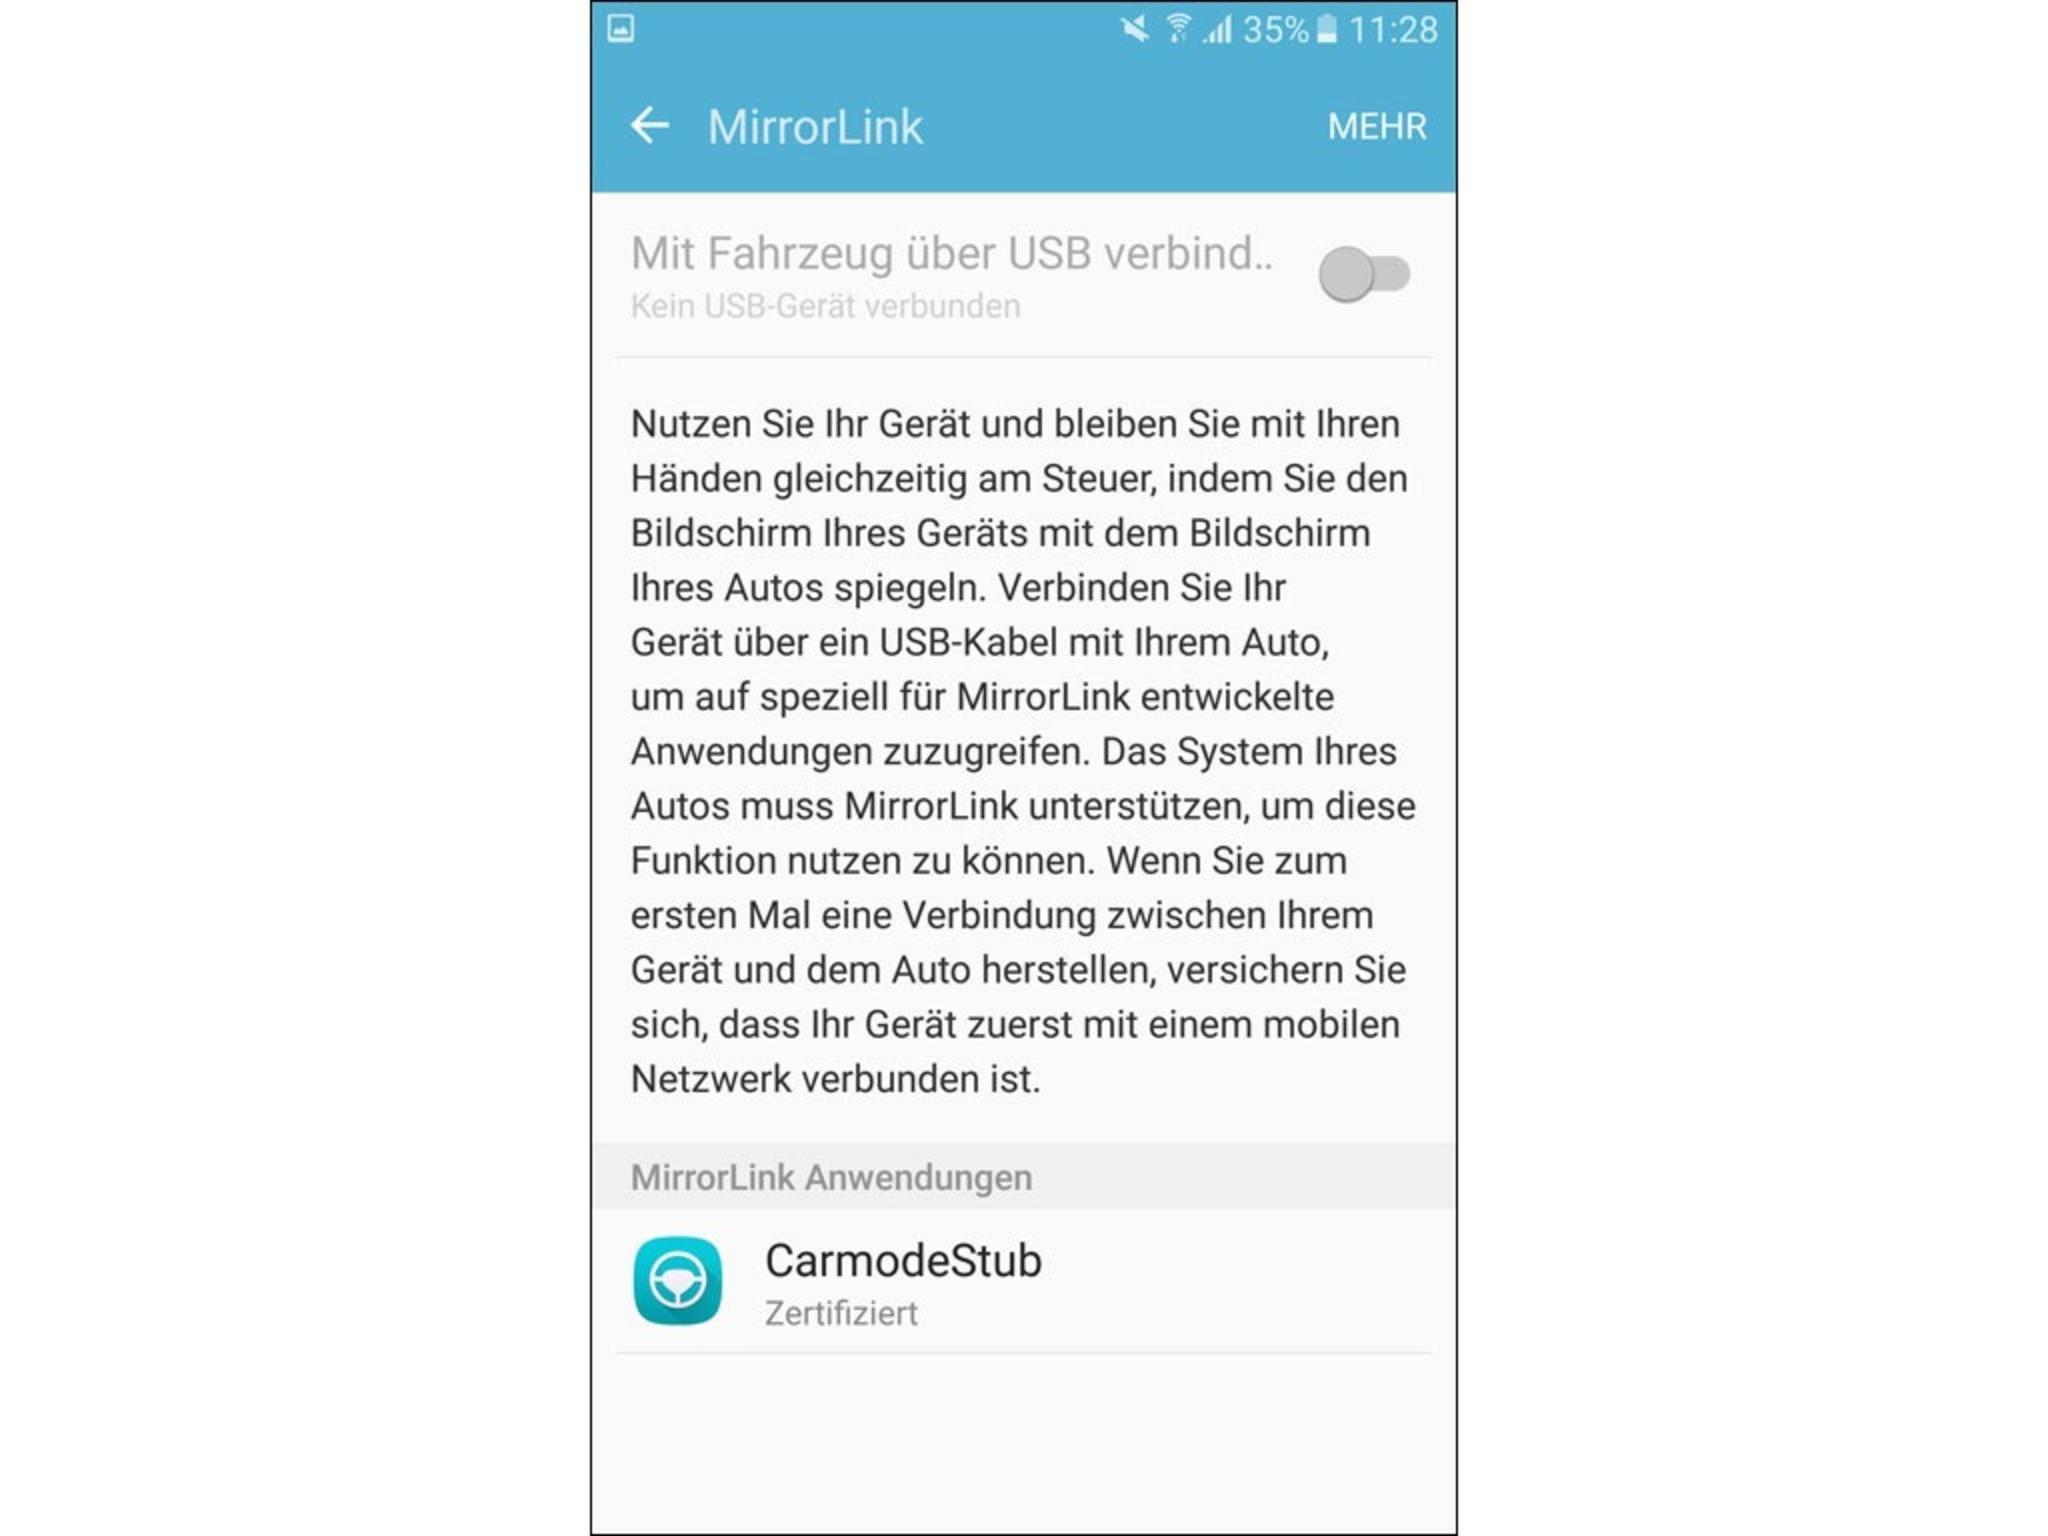 Via MirrorLink lässt sich das Galaxy S7 währenddessen trotzdem nutzen.